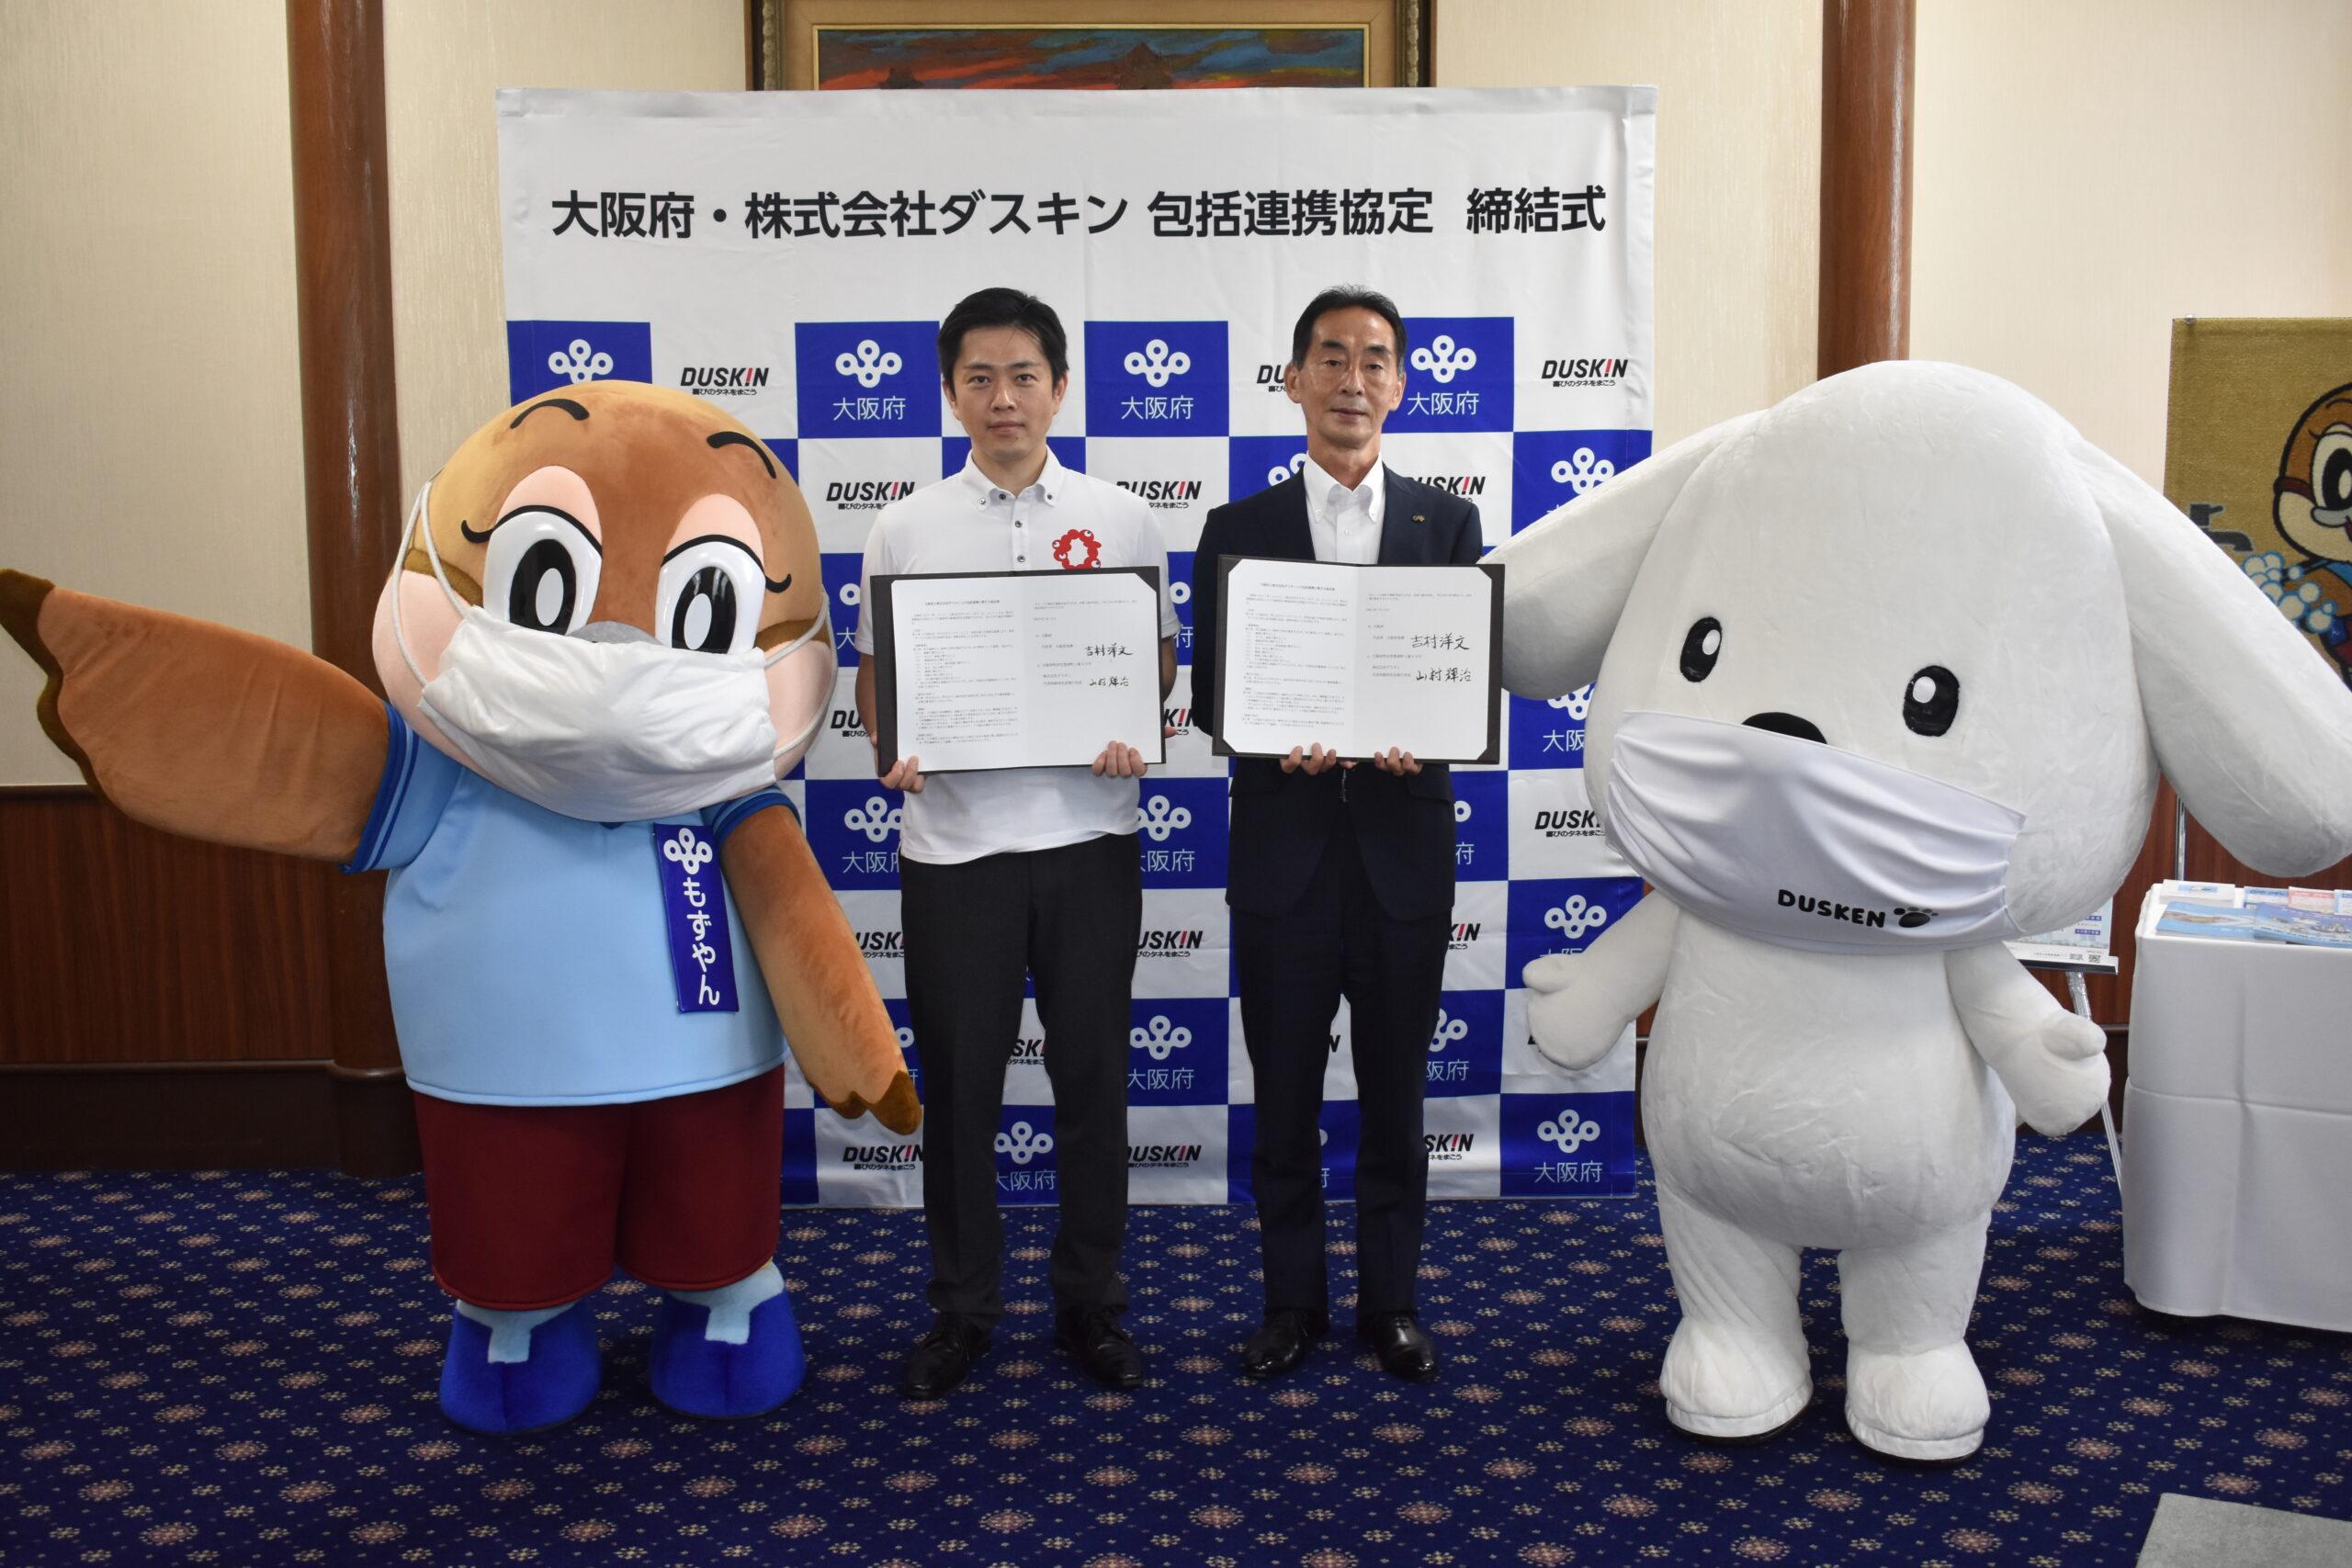 (左から)大阪府広報担当副知事 もずやん、吉村知事、山村代表取締役社長執行役員、ダス犬